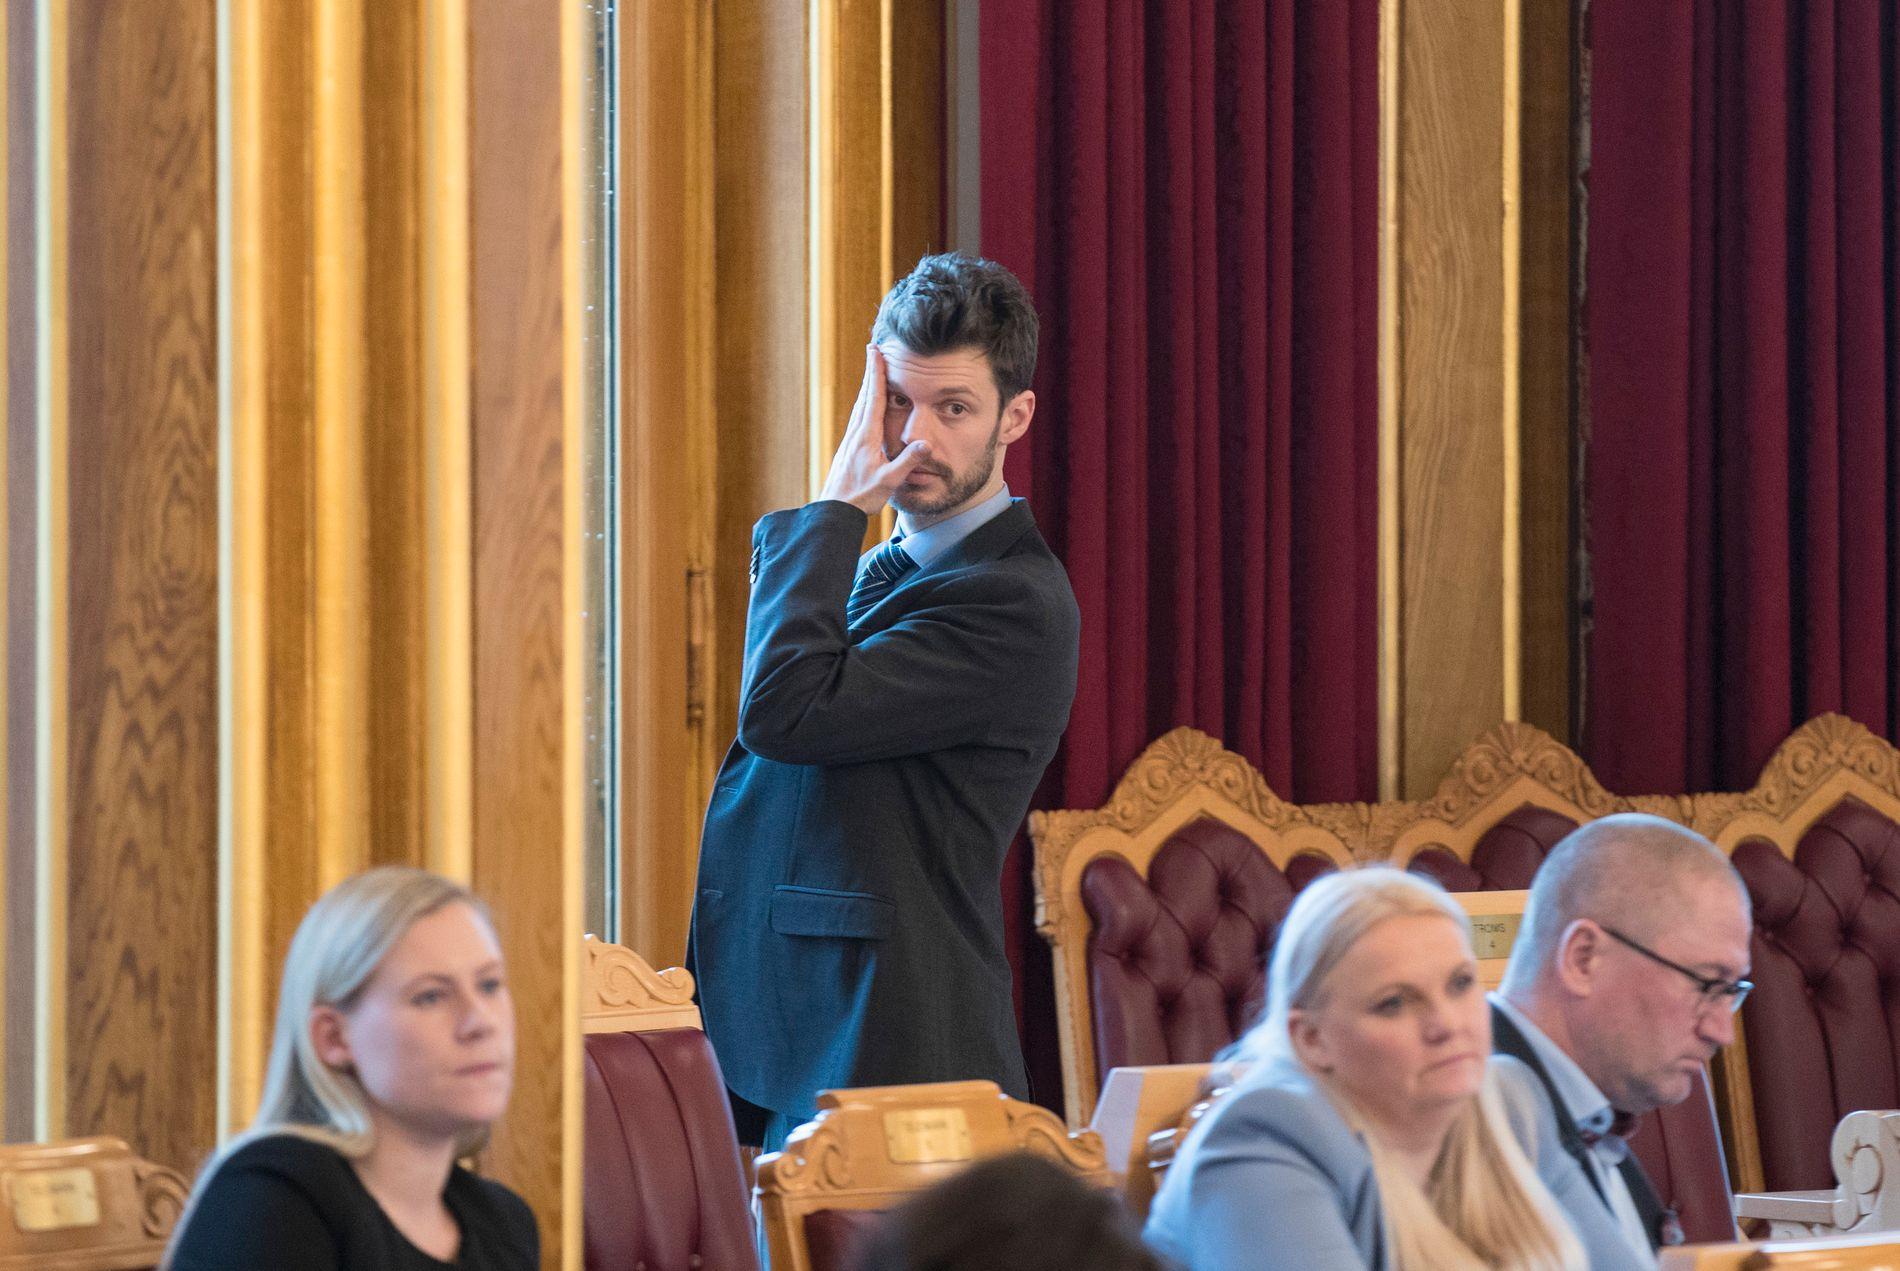 Rødt-leder Bjørnar Moxnes ville ha ledet en stortingsgruppe på åtte representanter dersom gjennomsnittet av de nasjonale målingene for april hadde blitt valgresultatet. Foto: Vidar Ruud / NTB scanpix